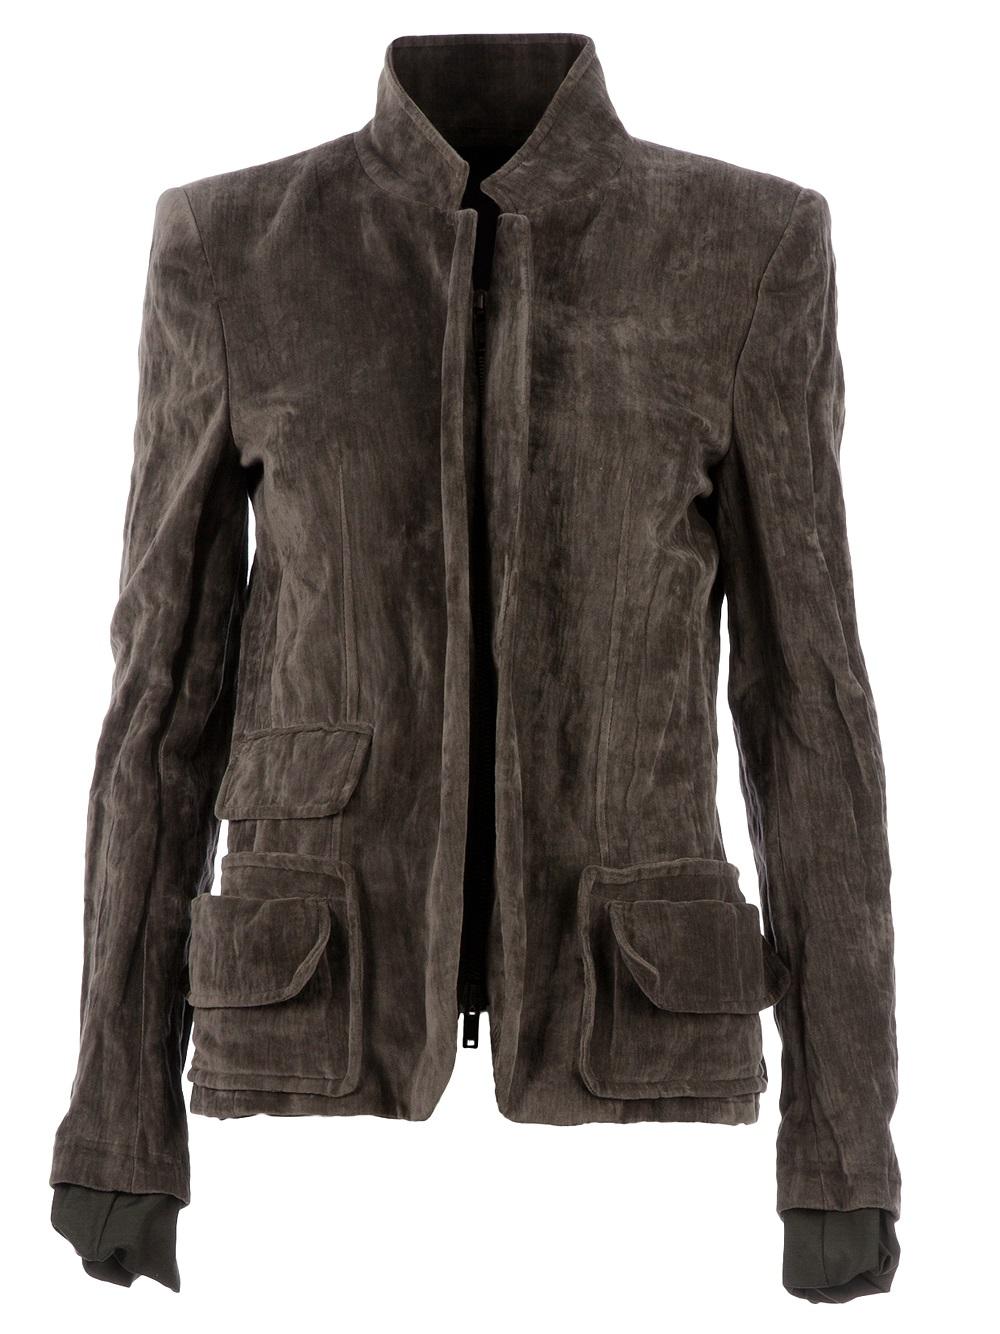 Shop for and buy mens velvet blazer online at Macy's. Find mens velvet blazer at Macy's. Macy's Presents: Gray (1) Red (2) Customer Ratings Kenneth Cole Reaction Men's Slim-Fit Micro-Grid Velvet Dinner Jacket.